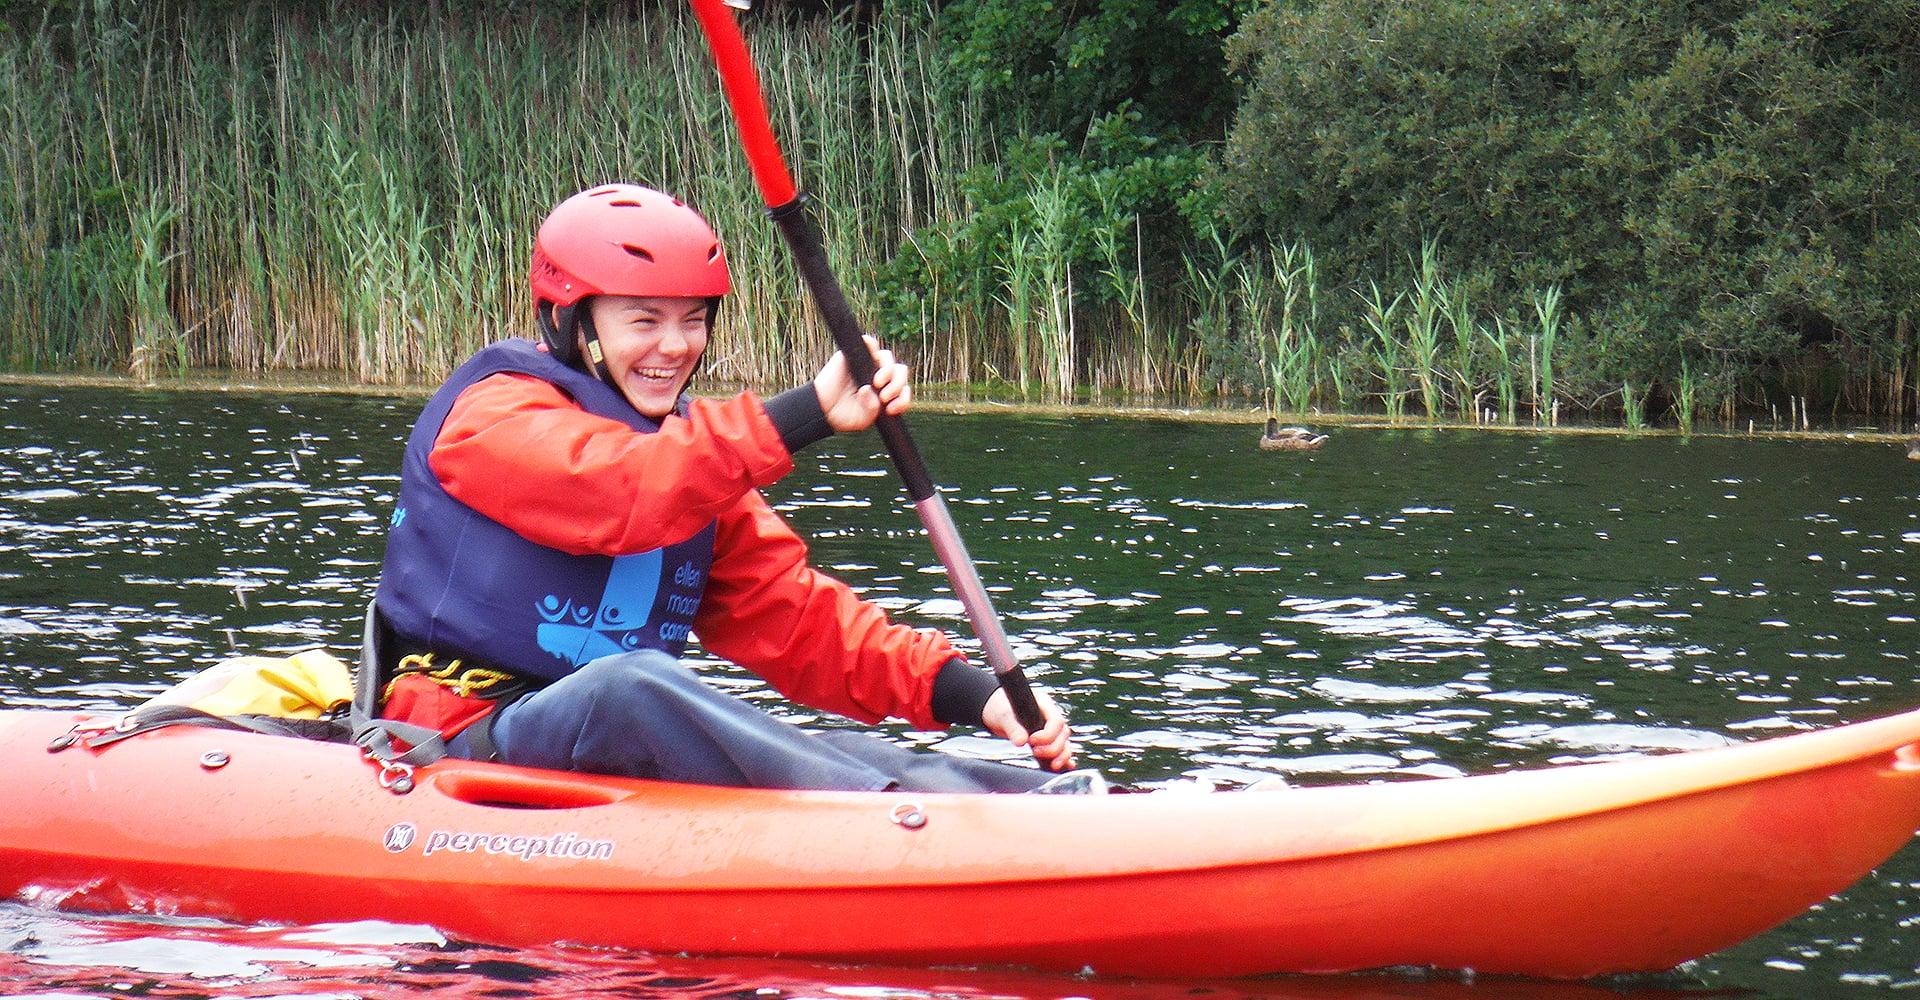 Rosa paddling in a kayak